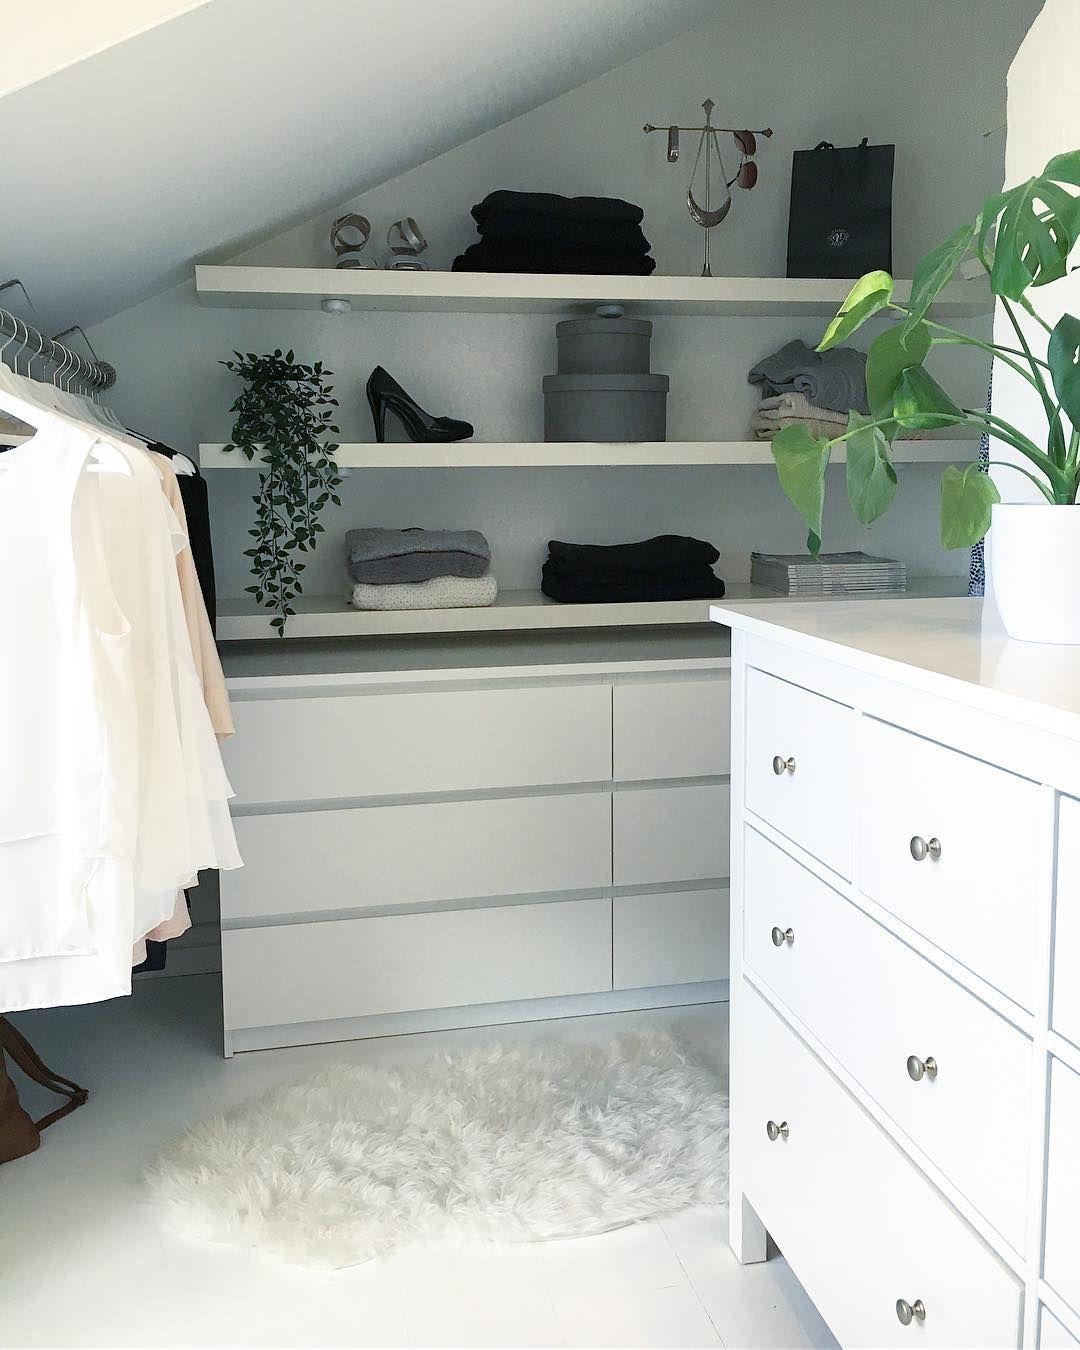 So einfach und kostengünstig können Sie selbst einen begehbaren Kleiderschrank bauen